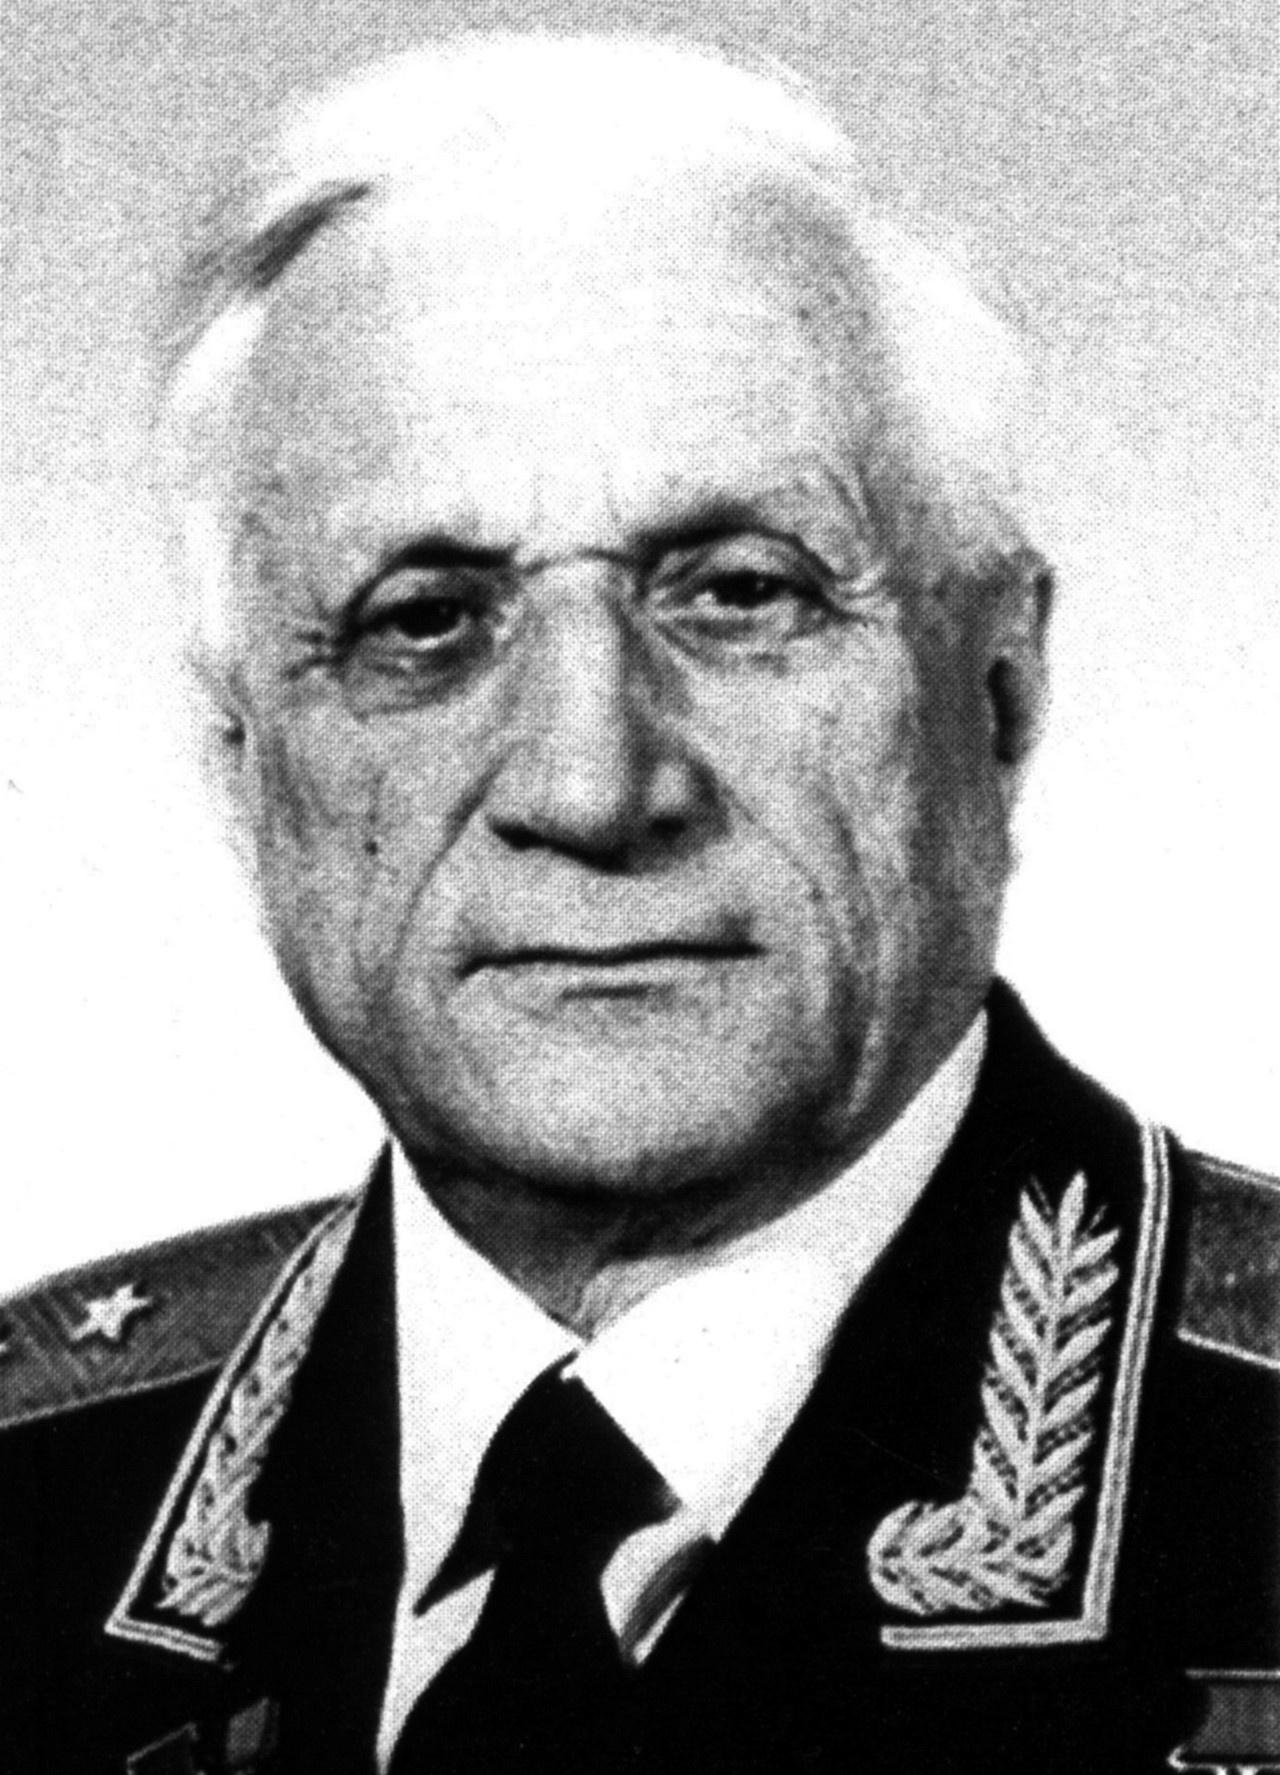 Генерал-лейтенант Юрий Мозжорин.